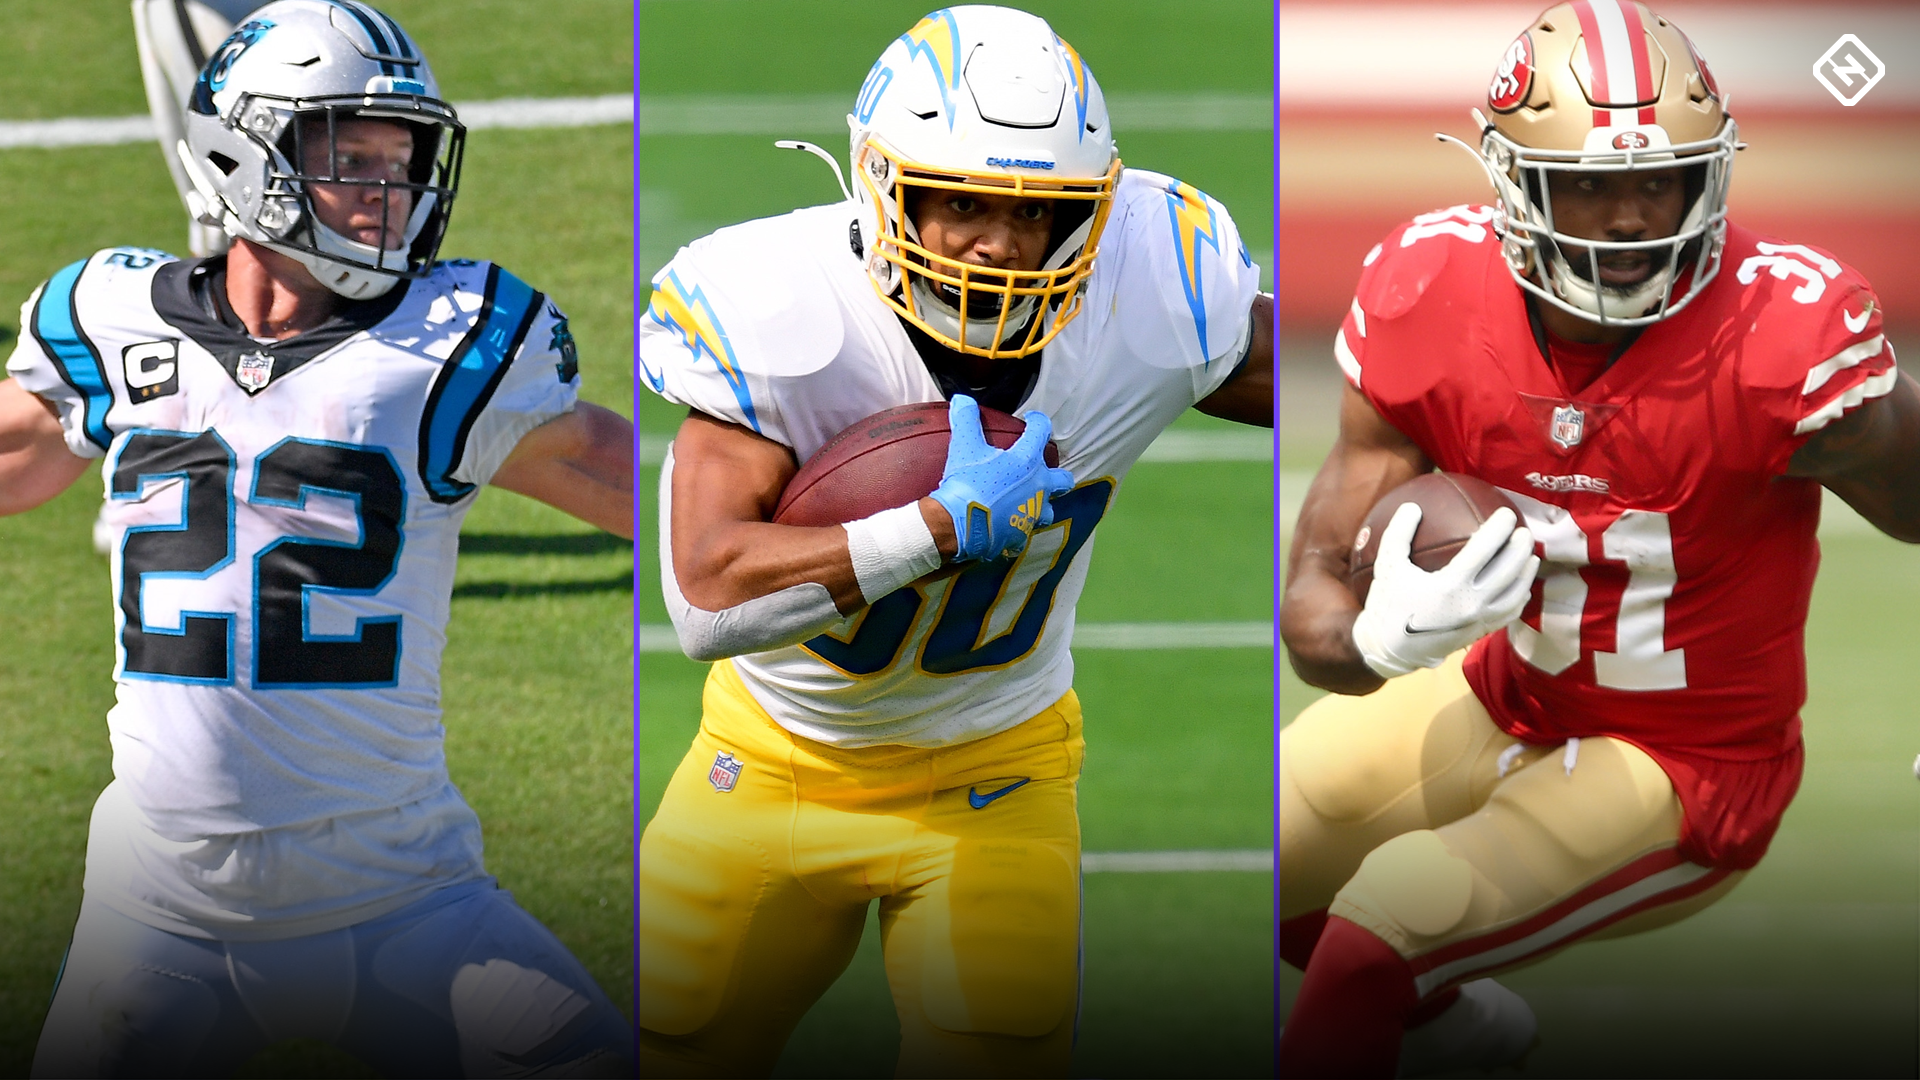 Fantasy Injury Updates: Christian McCaffrey, Austin Ekeler, Raheem Mostert affecting Week 12 RB rankings